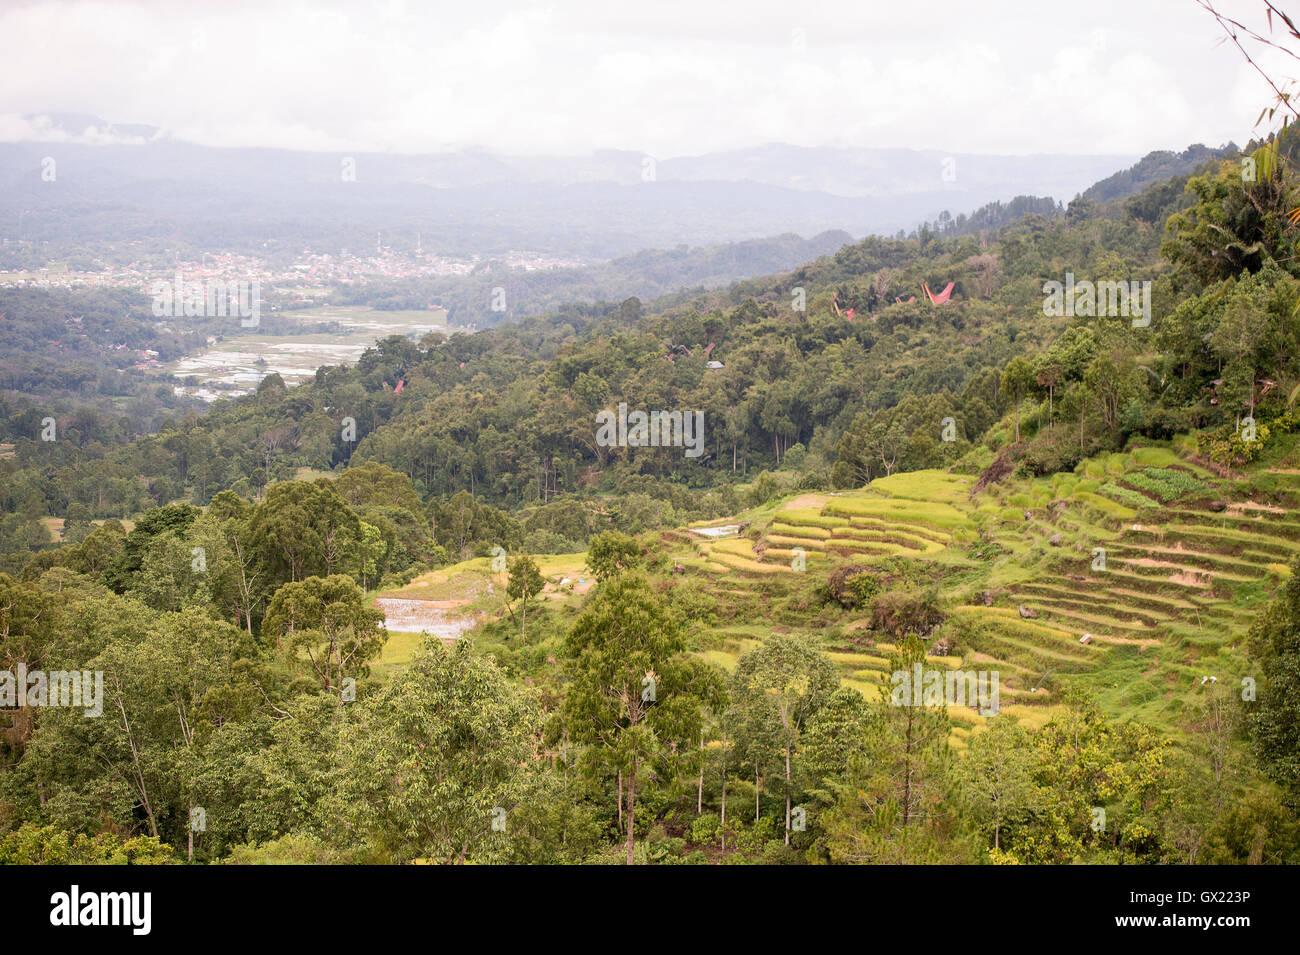 The beautiful green rice field terraces in Batan Pangala, North Toraja, Sulawesi, Indonesia. - Stock Image